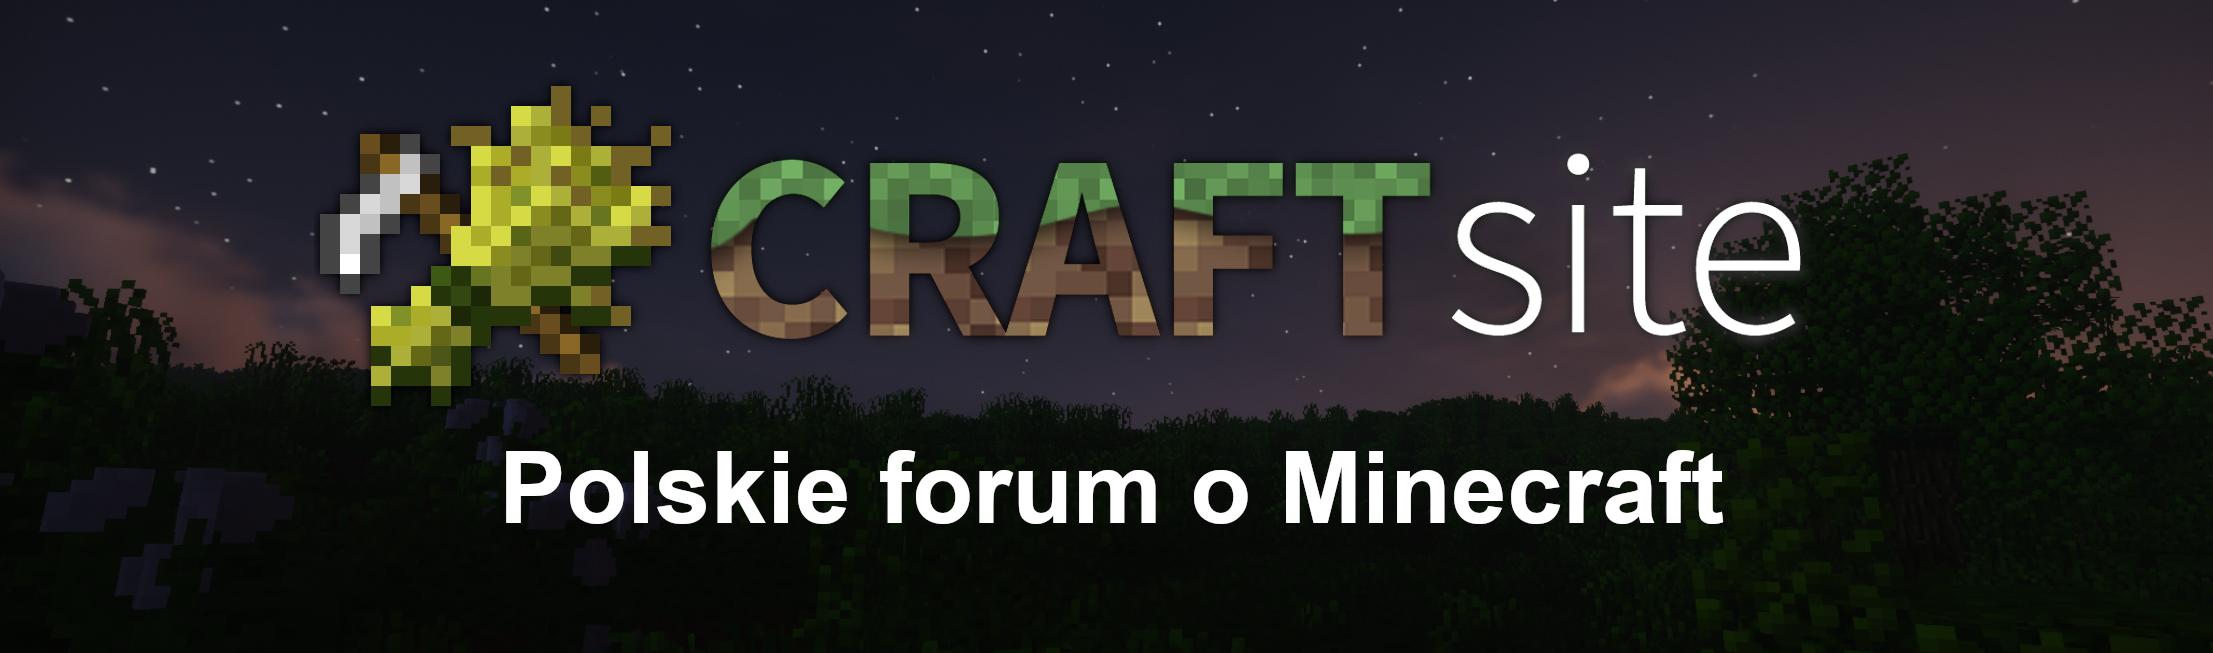 Craftsite